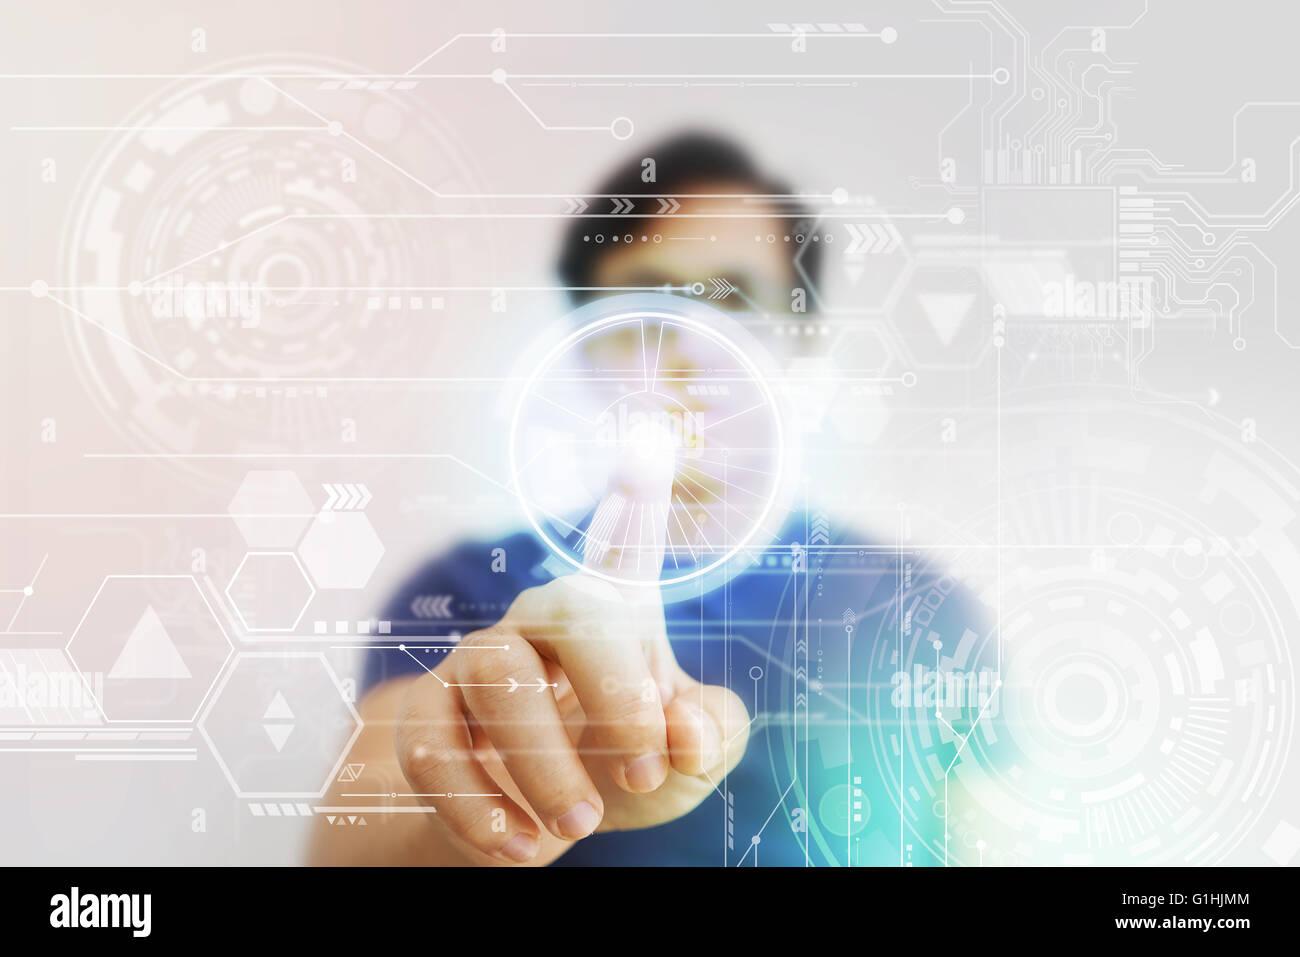 L'Homme asiatique en appuyant sur l'écran virtuel de haute technologie Photo Stock